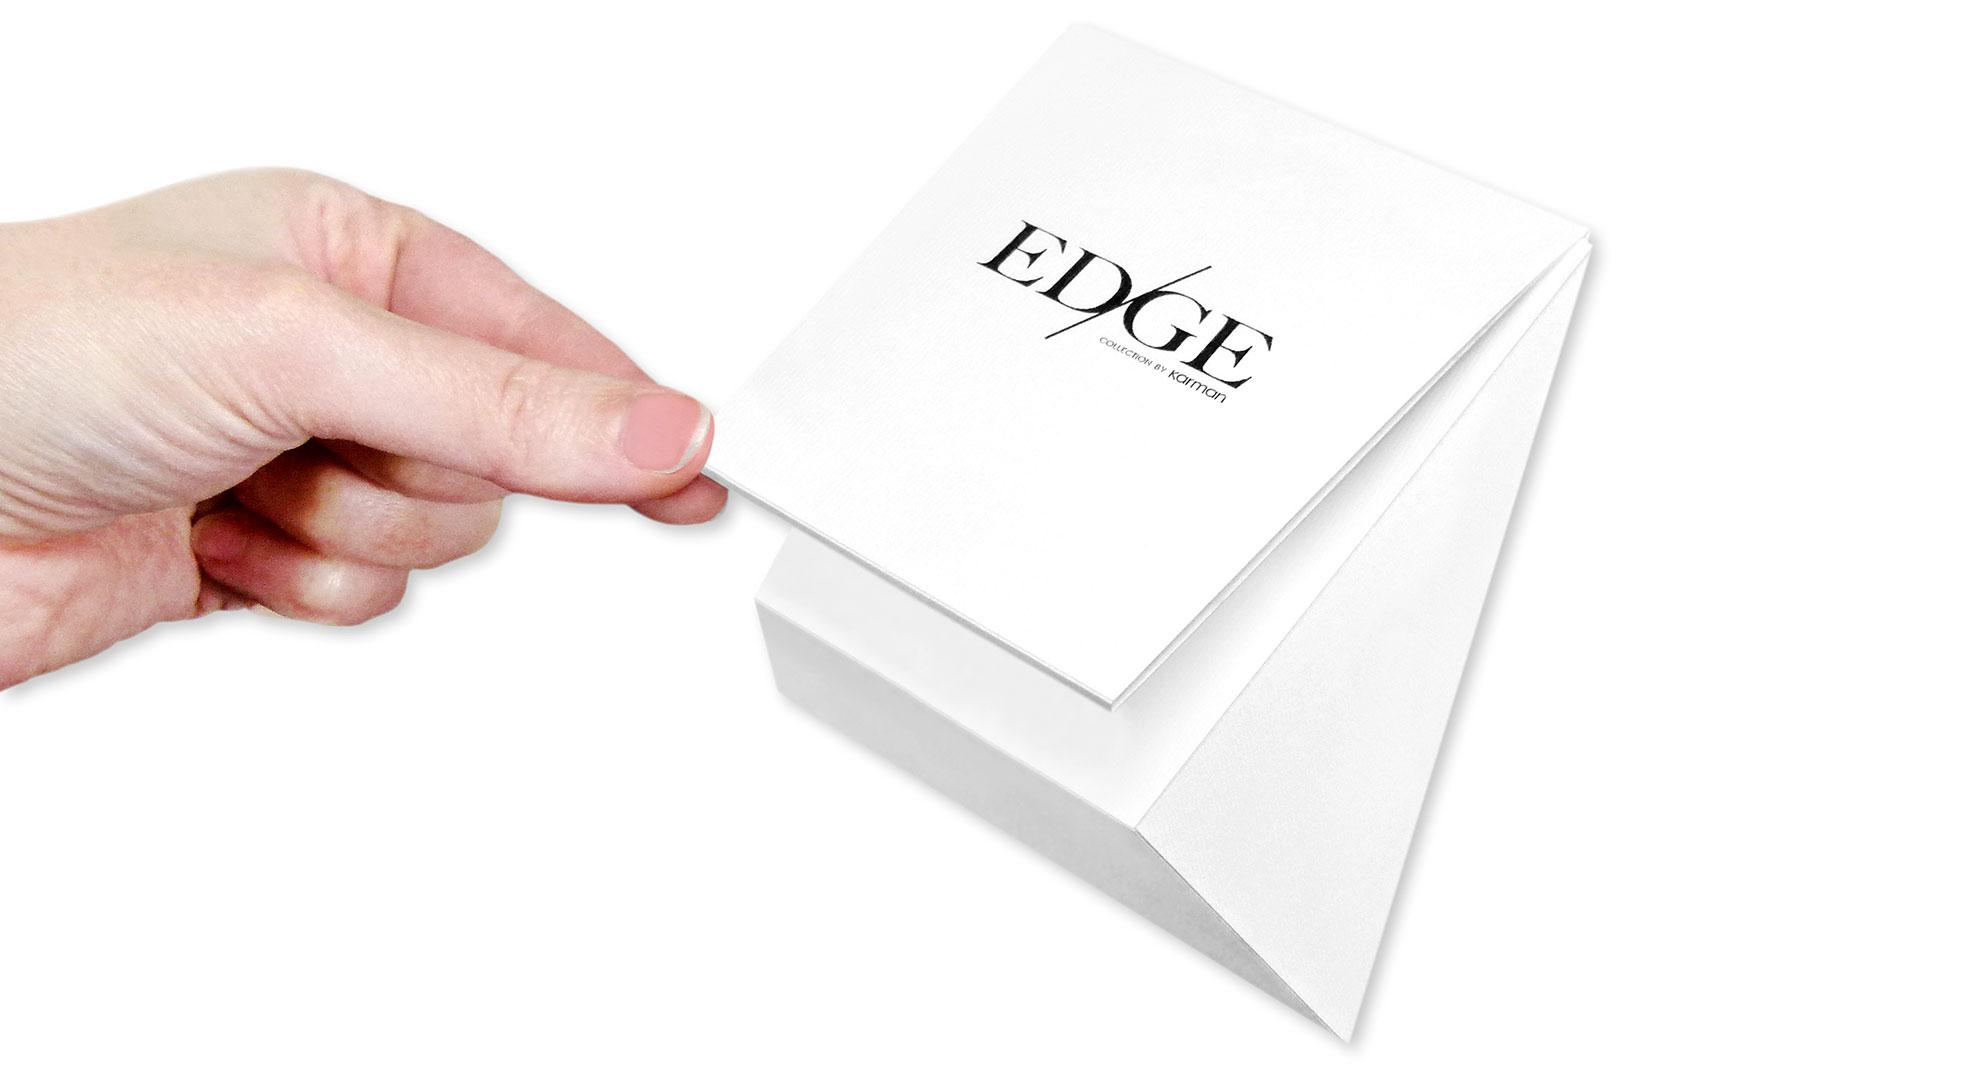 883-karman-edge-2